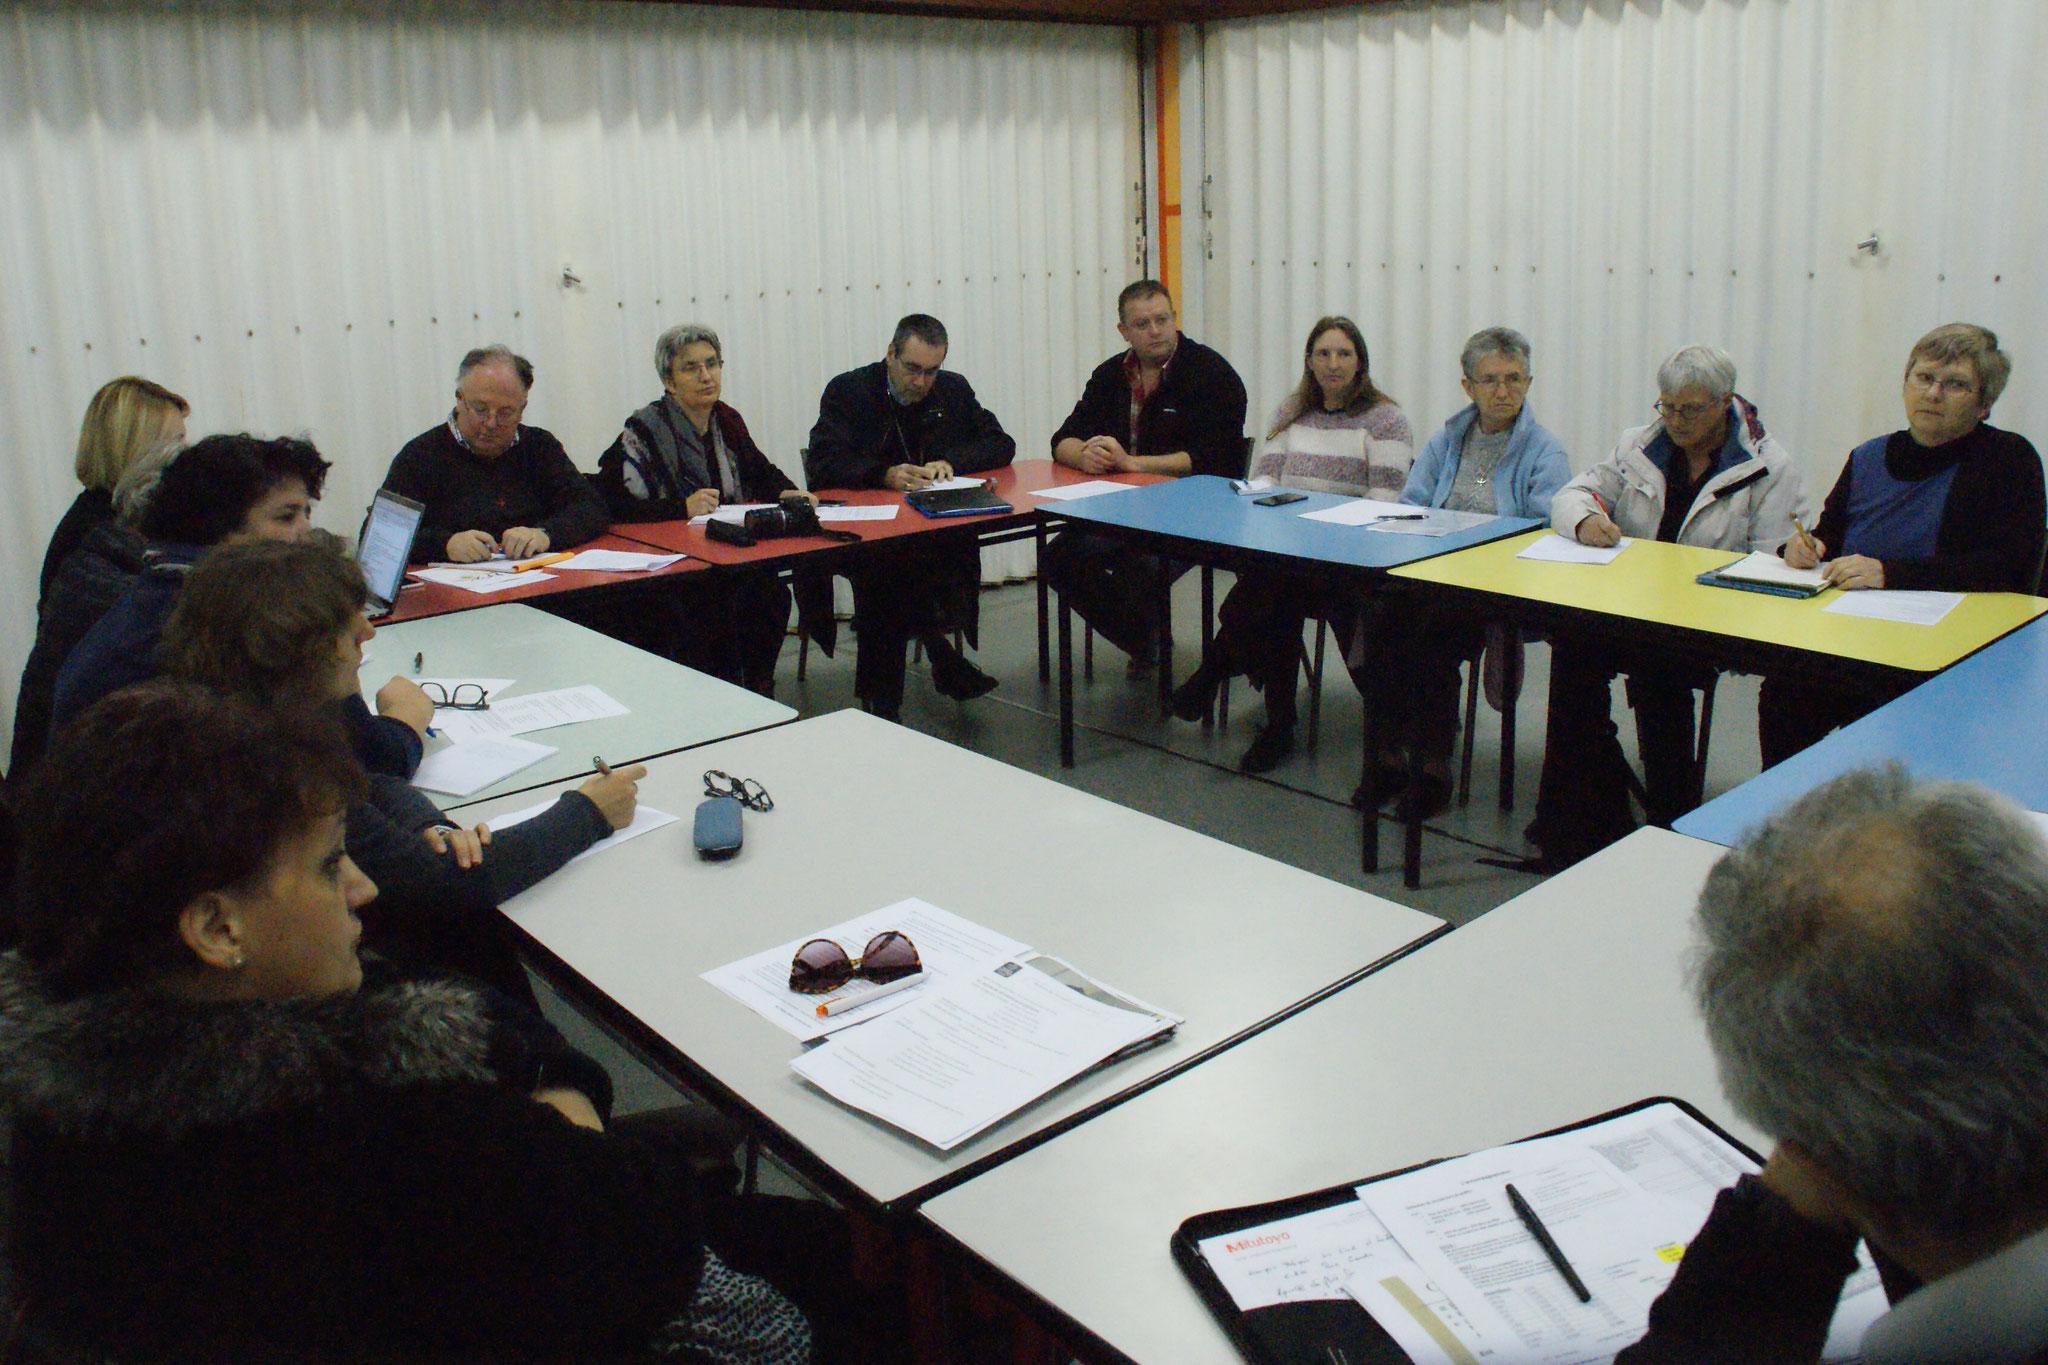 Temps d'échanges avec des acteurs engagés dans l'accompagnement de personnes en situation de fragilité, de précarité